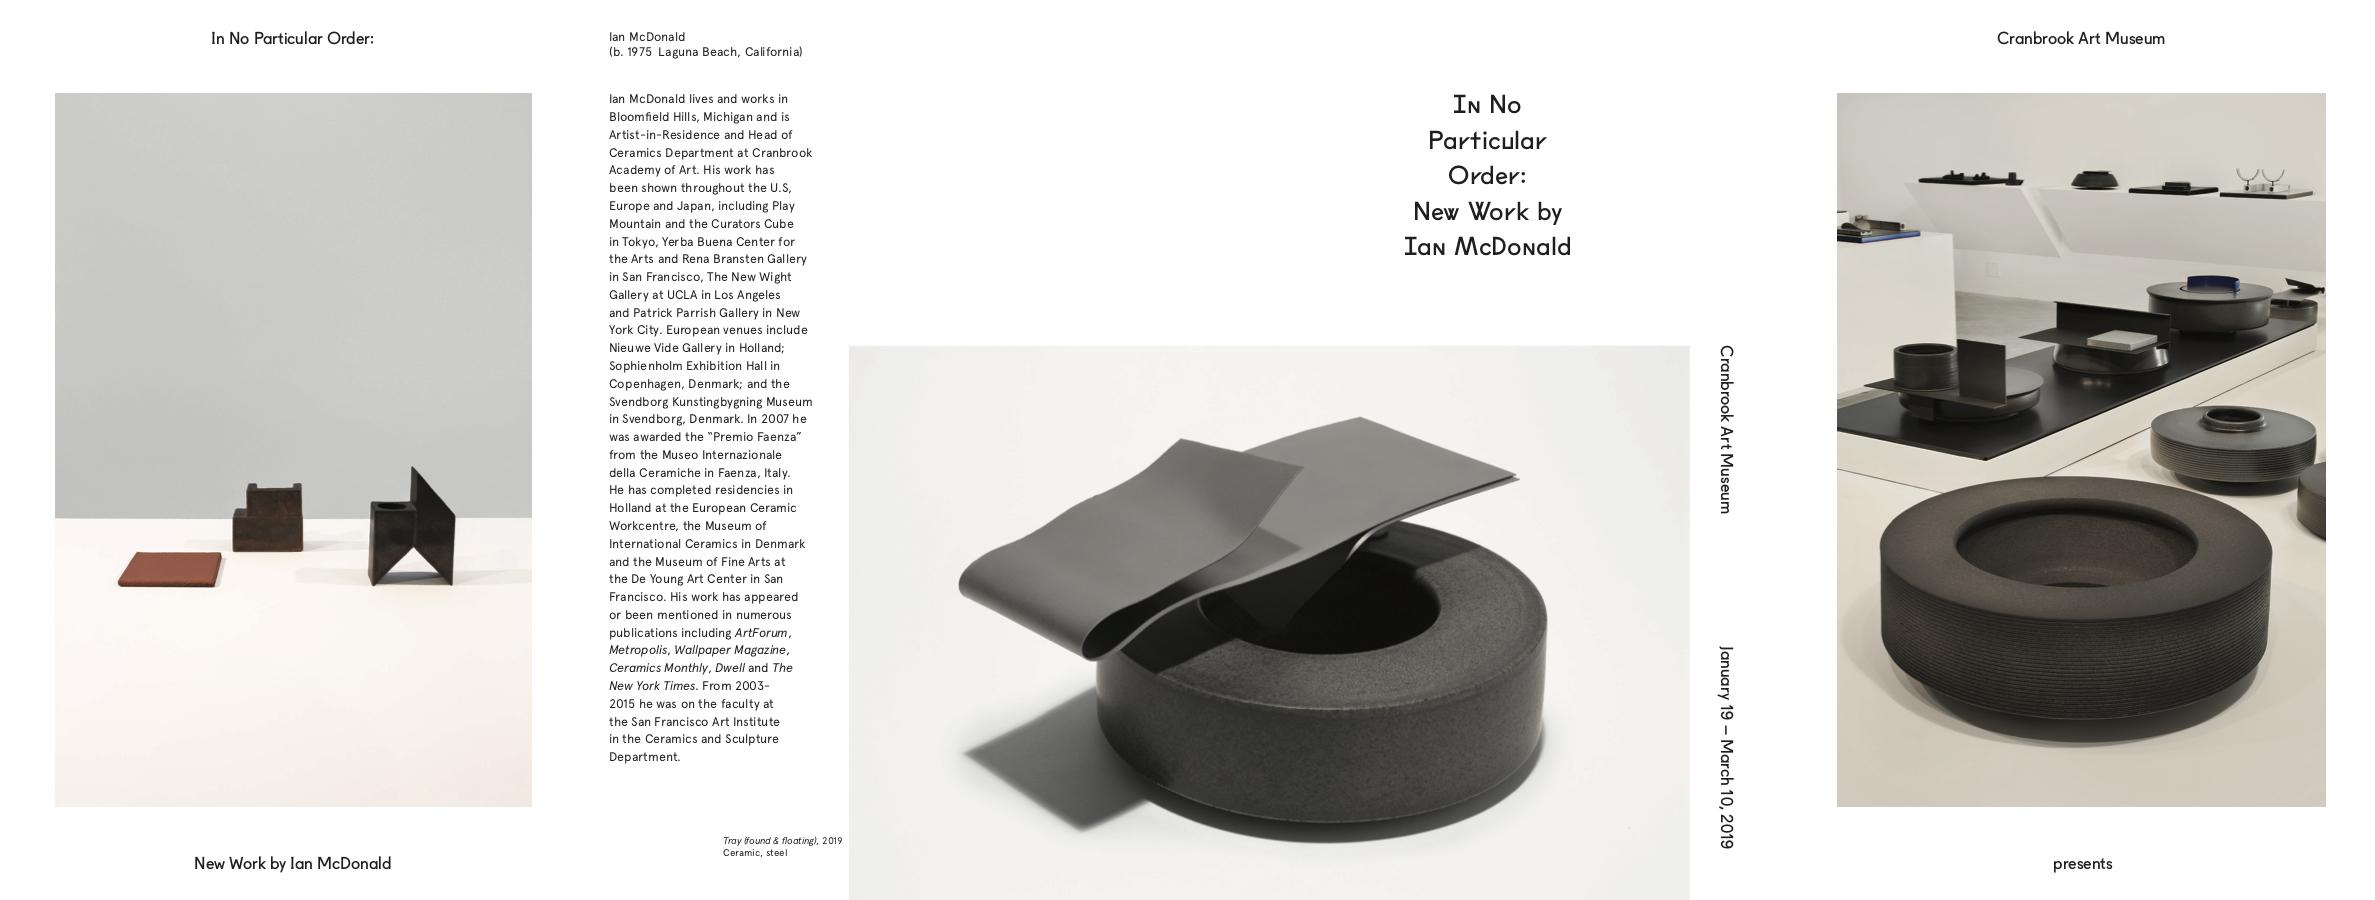 In No Particular Order_brochure copy.jpg